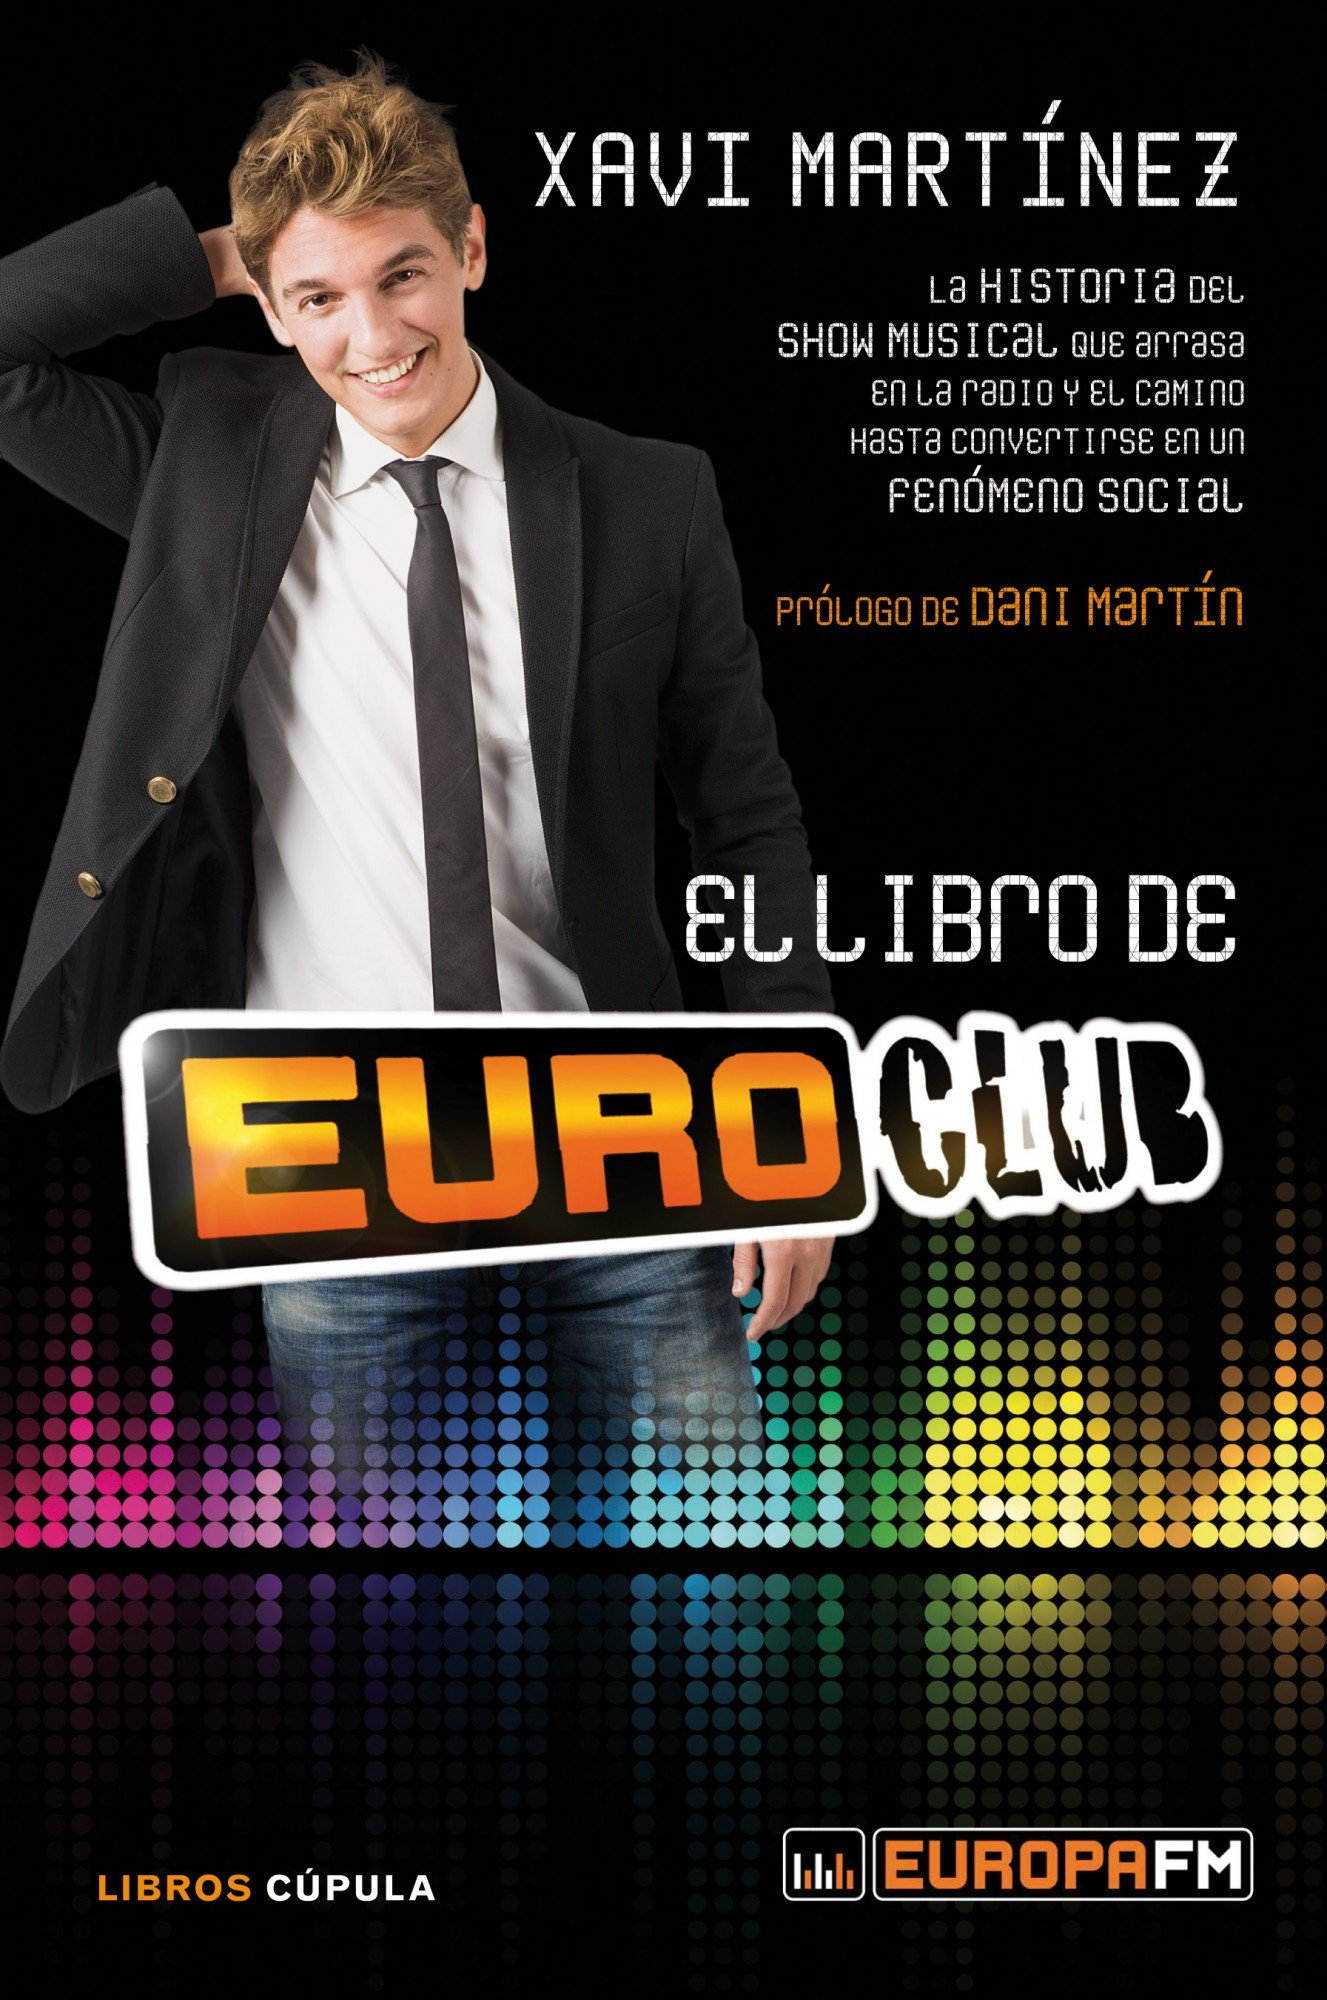 El libro de Euroclub: La historia del show musical que arrasa en la radio y el camino hasta convertirse en un fenómeno social